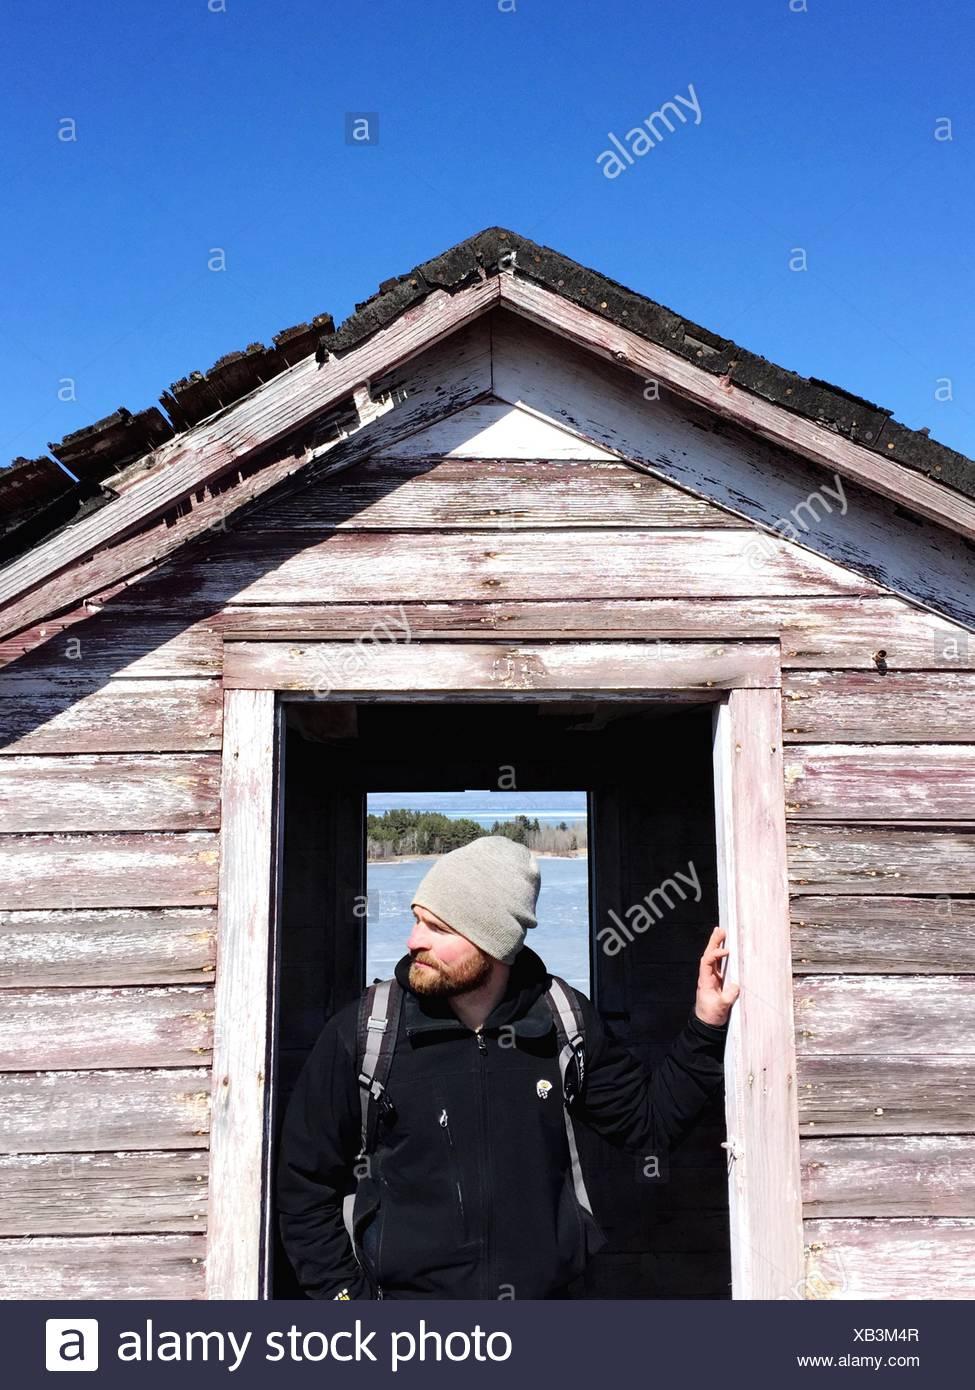 Hombre de pie en la puerta de la cabaña Imagen De Stock